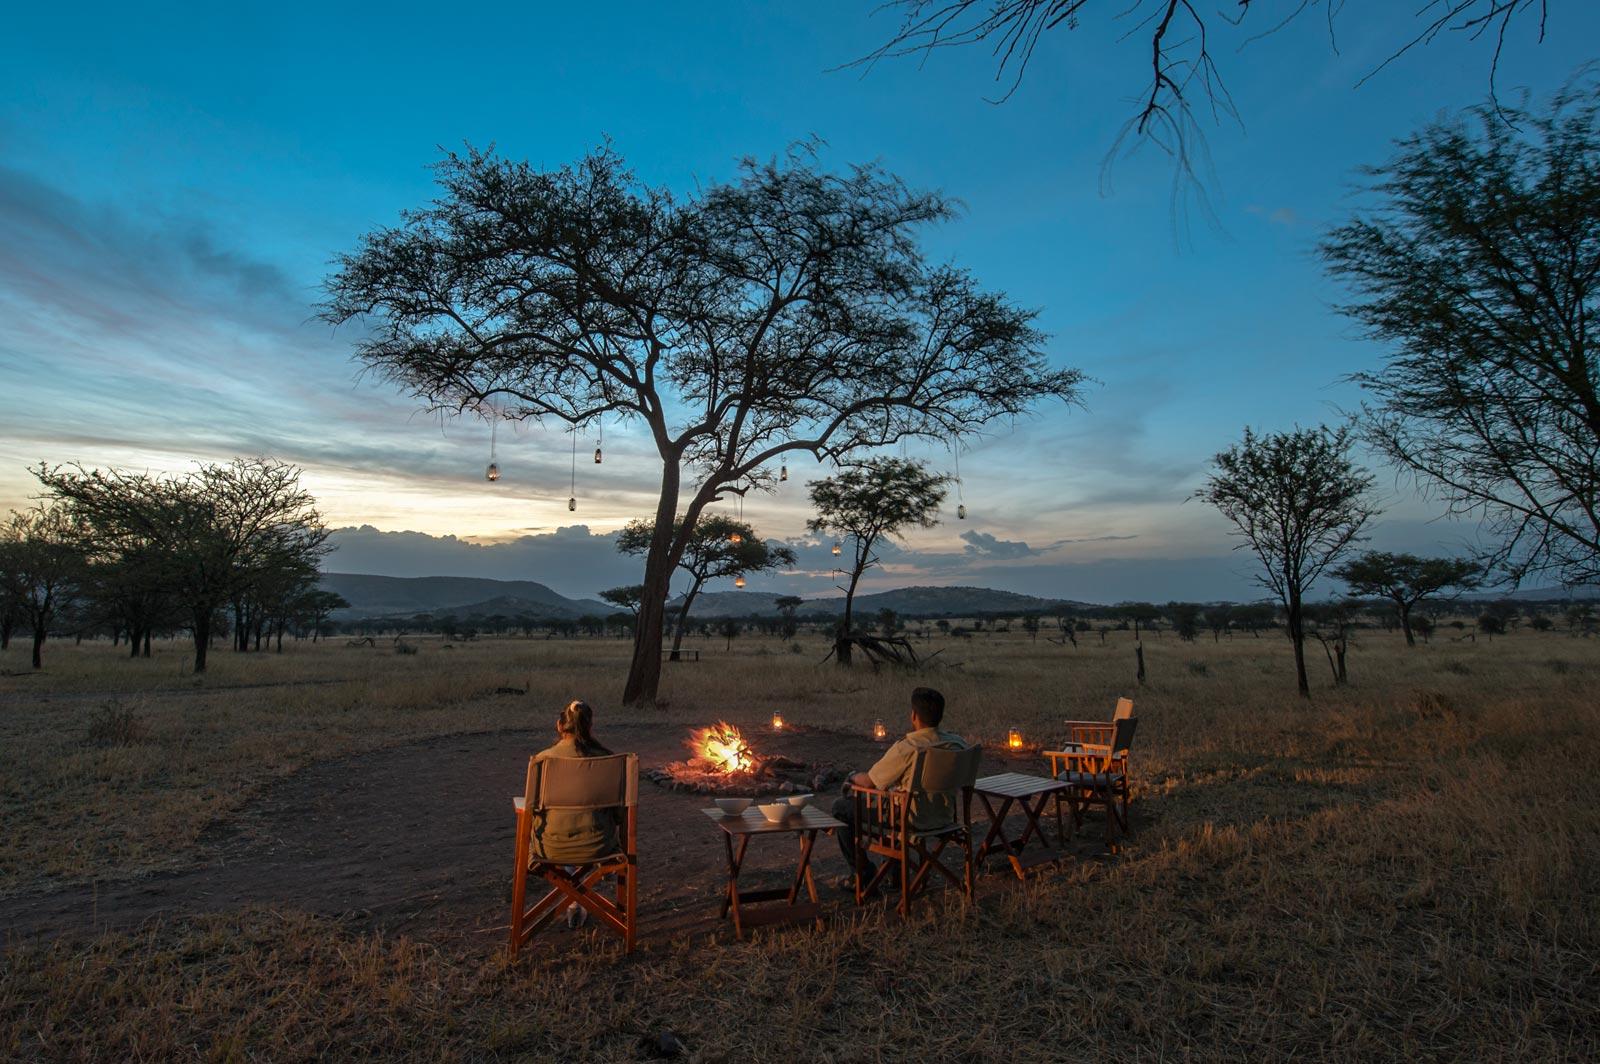 Romantisches Zelt-Camp am Abend